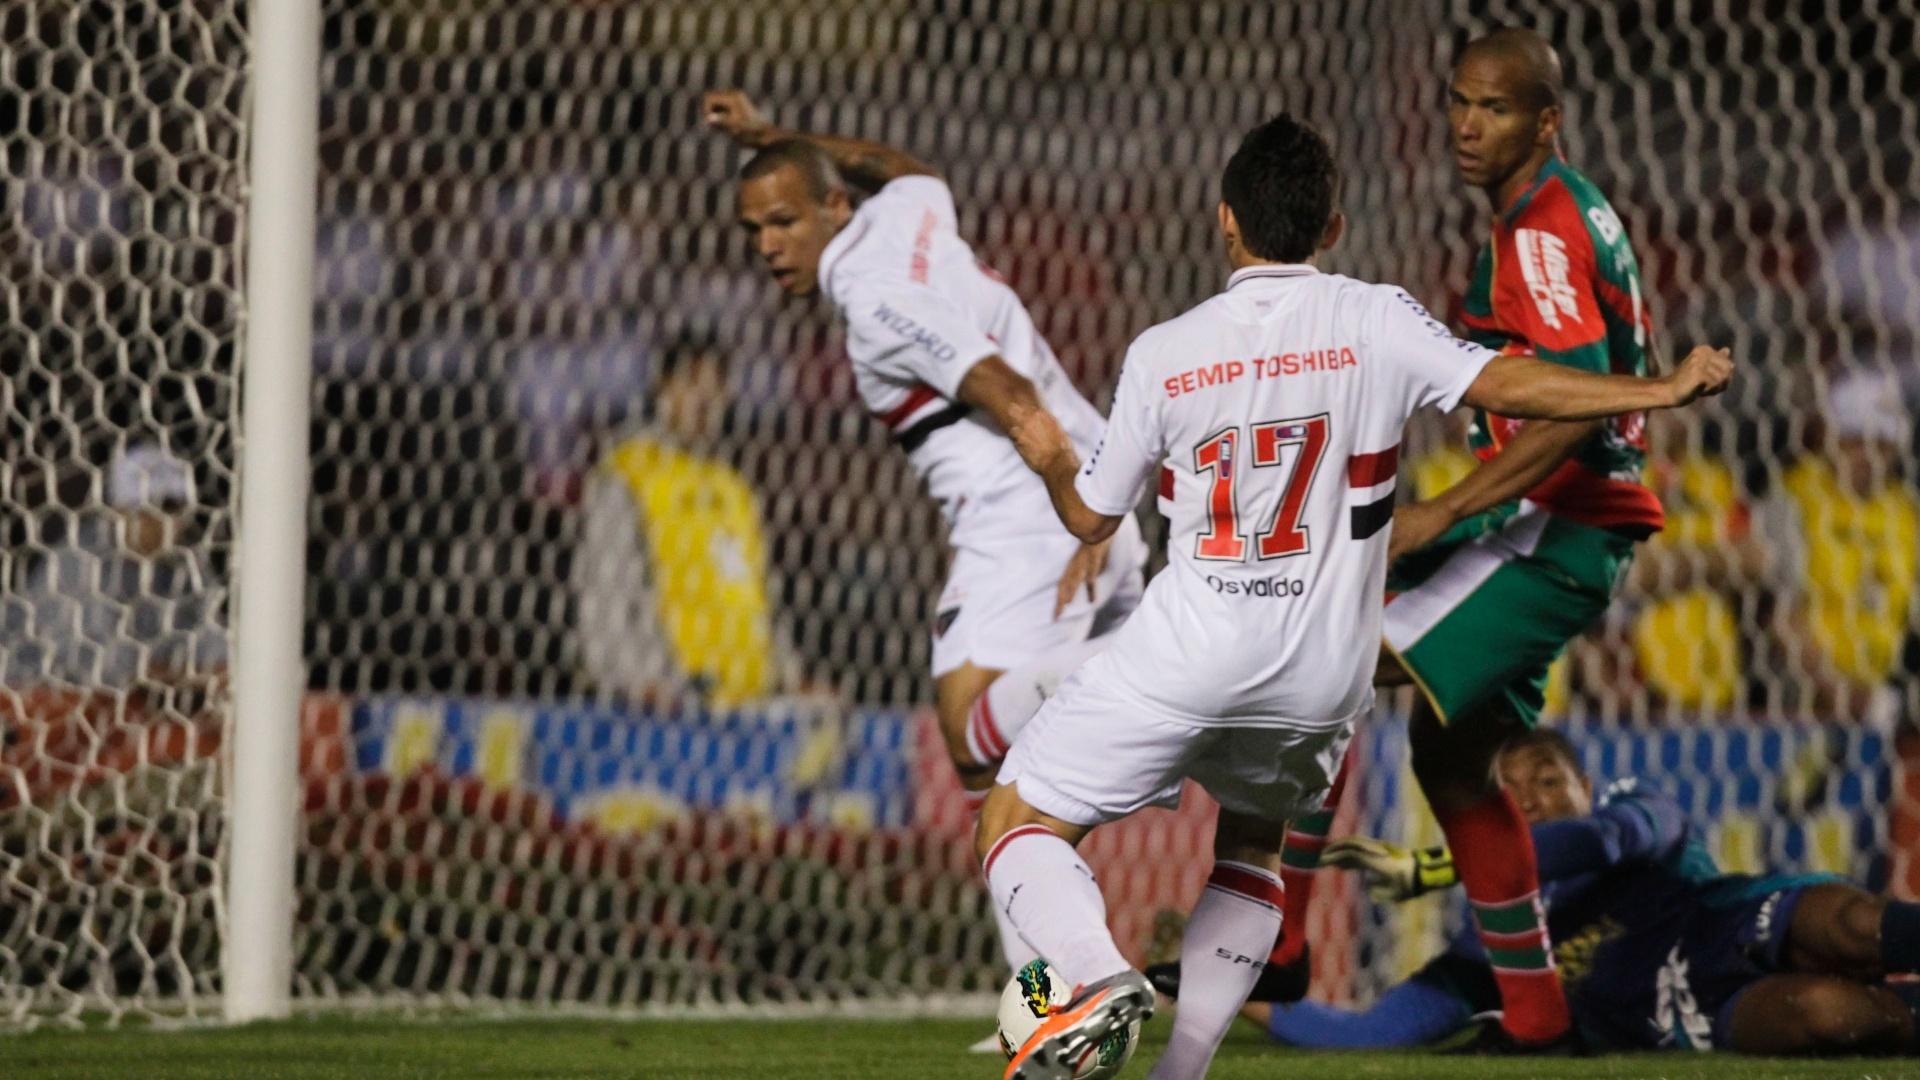 Osvaldo chuta para amrcar primeiro gol do São Paulo no jogo contra a Portuguesa no Morumbi